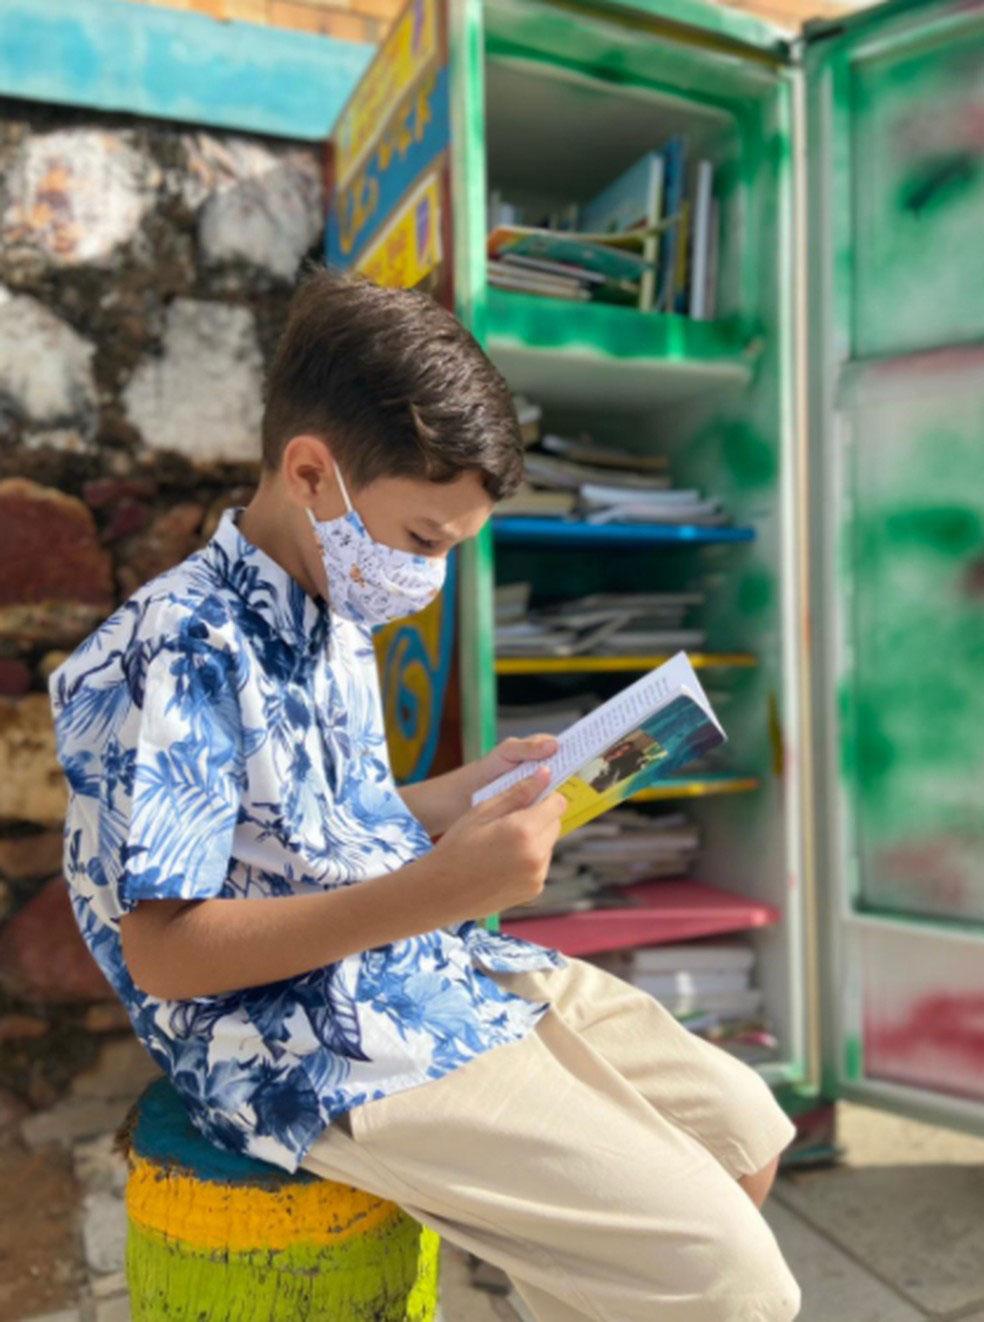 Menino lendo livros em frente a geladeira cultural